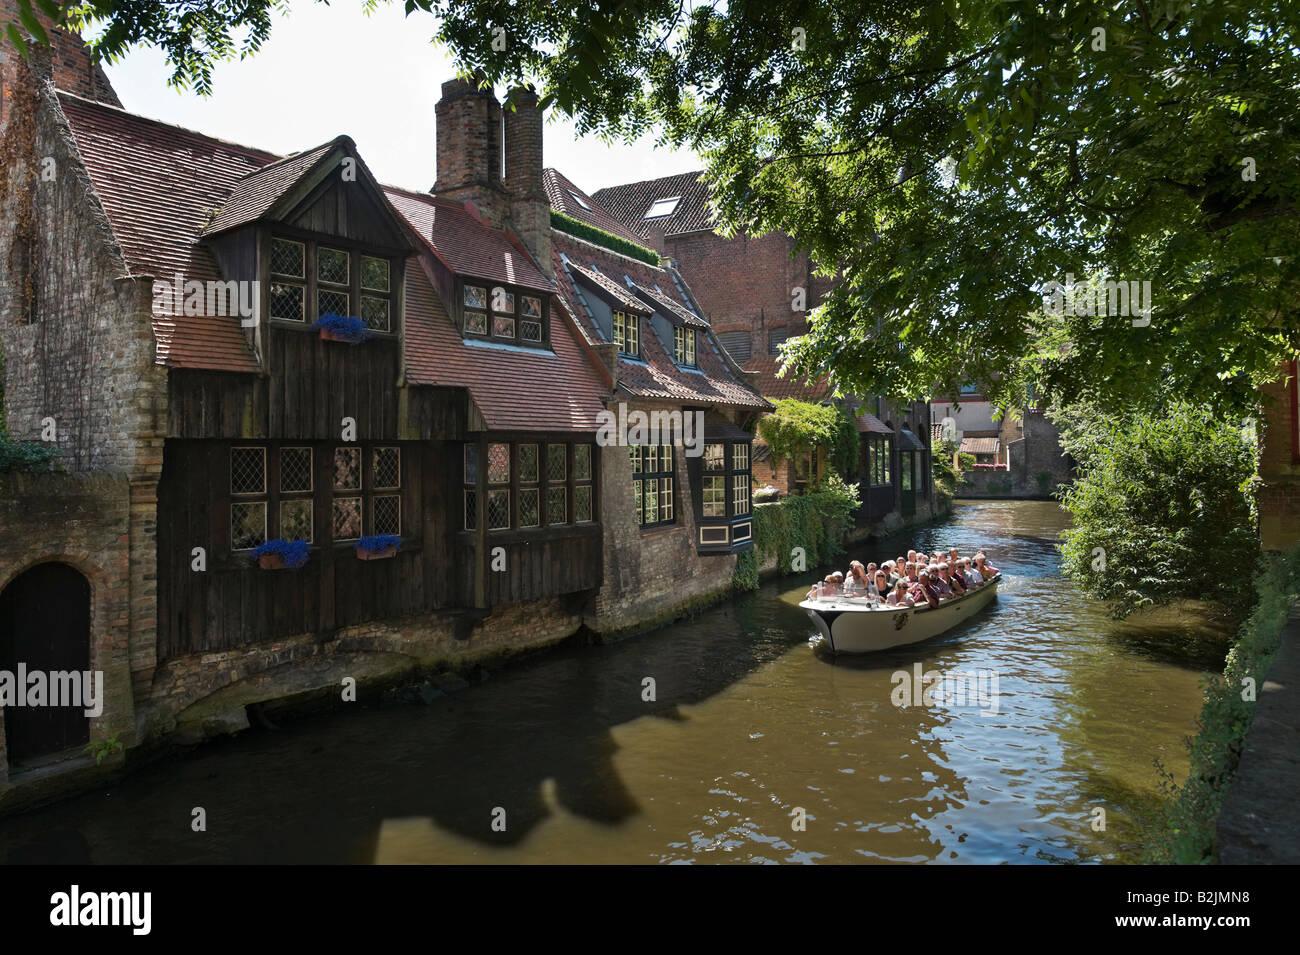 Canal y viaje en barco en el casco antiguo de la ciudad, cerca de St Bonifaciusbrug, Arantspark, Brujas, Bélgica Imagen De Stock